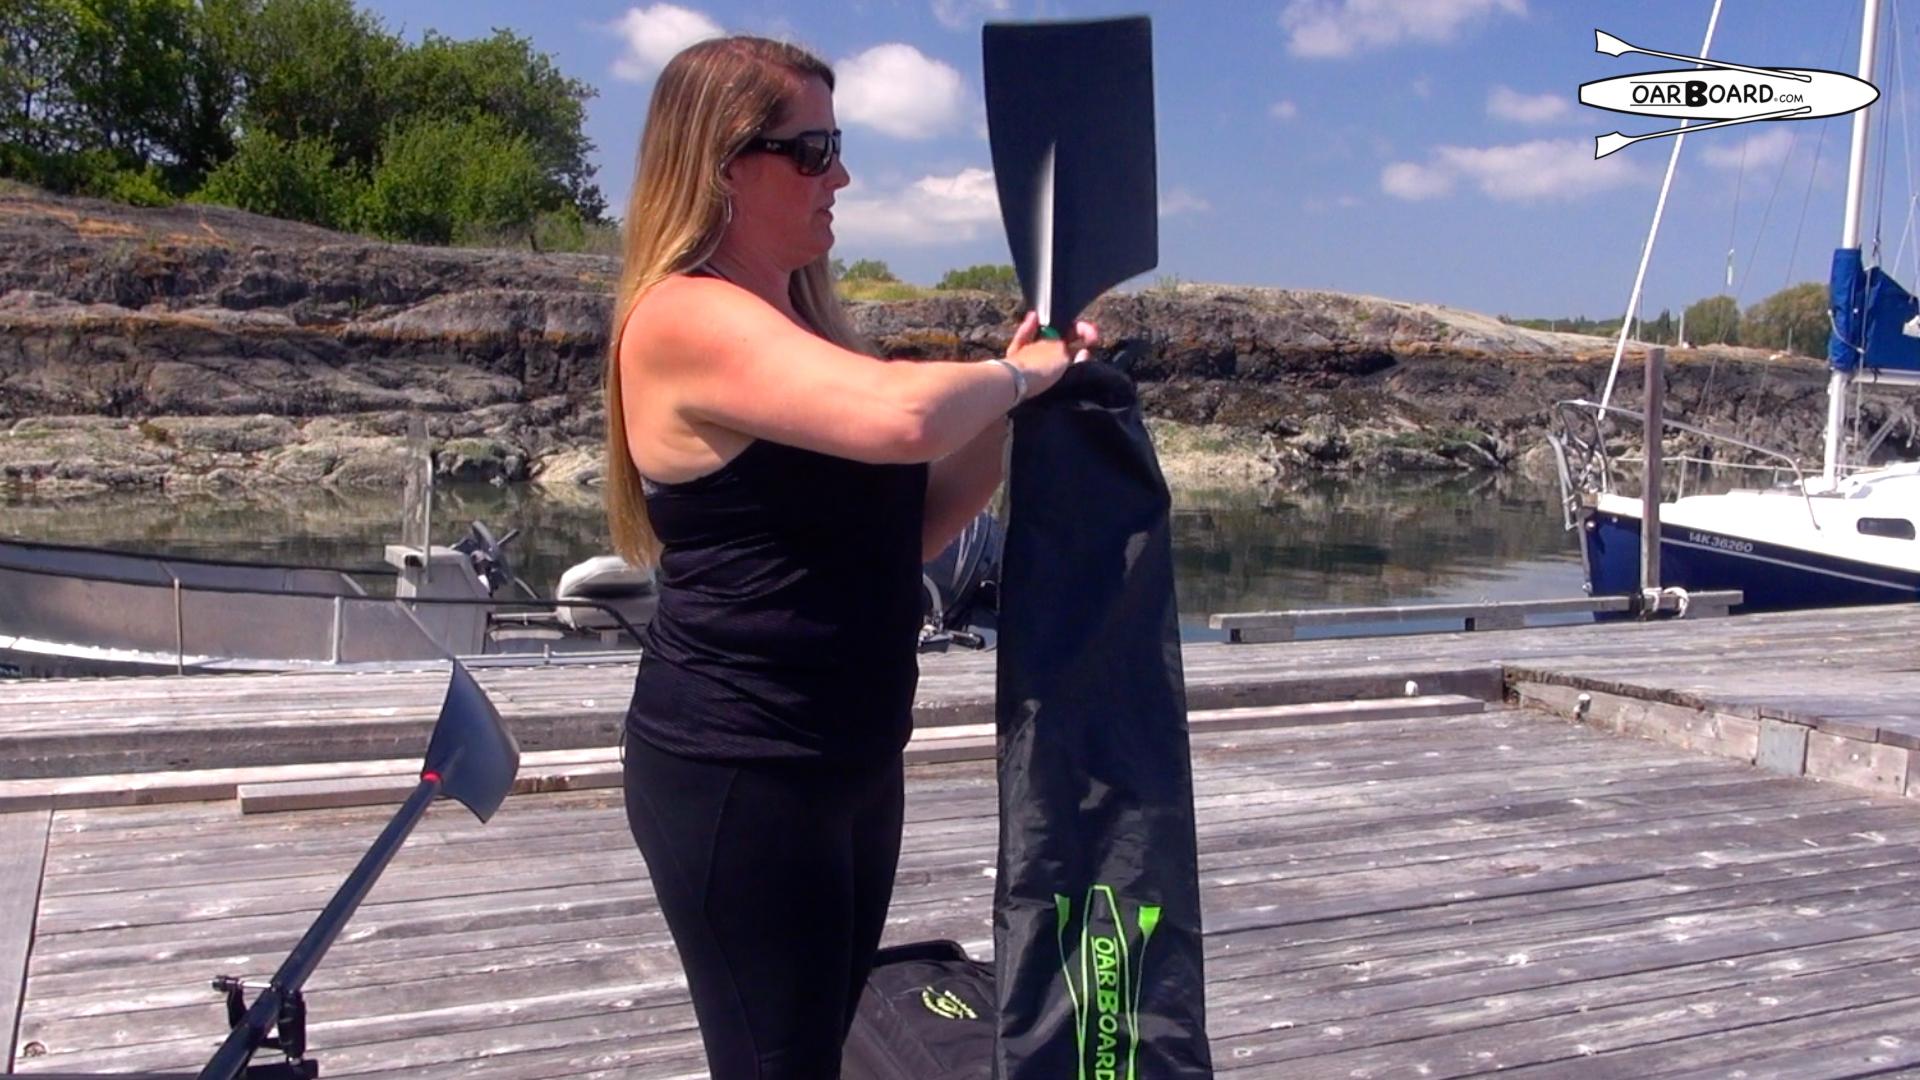 Oars-Oar-Board-Rower-Travel-Bag-Diana-Lesieur-Carbon-Fiber